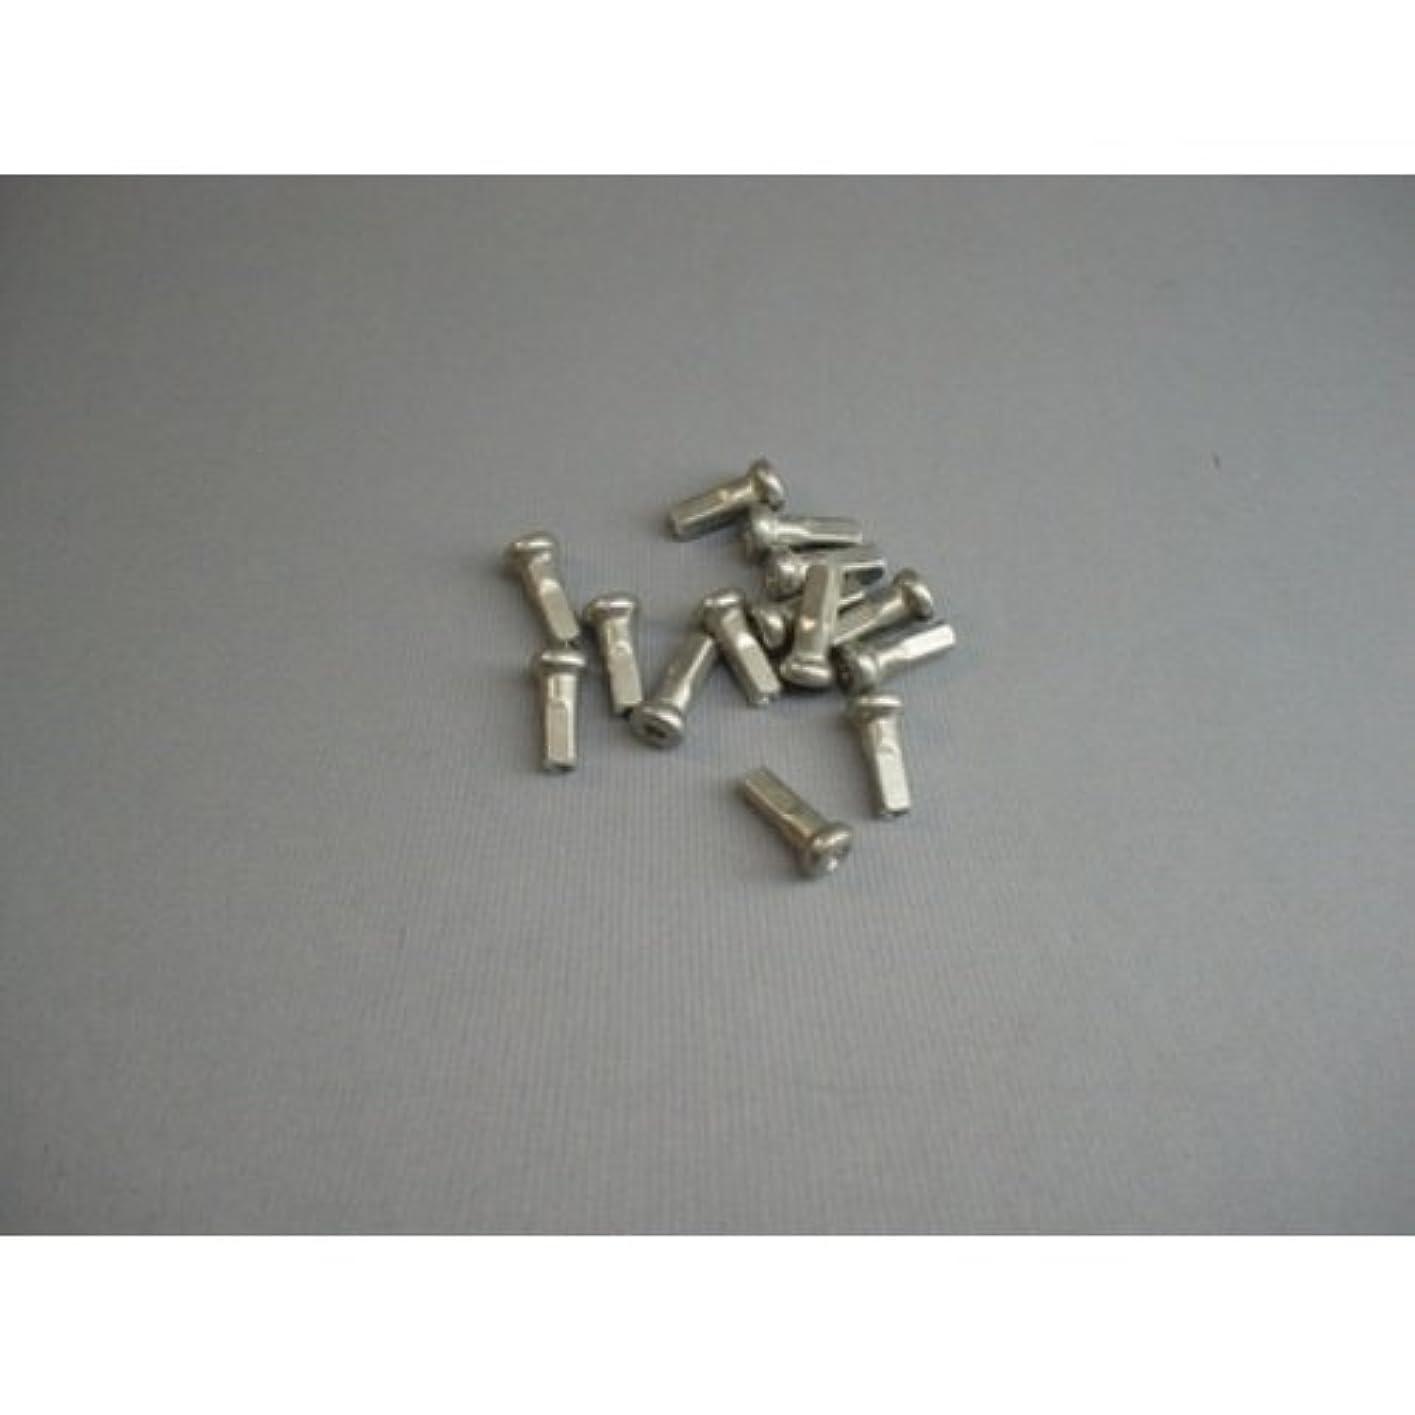 影問い合わせ妖精(SAPIM/サピム)(自転車用ニップル関連)SecureLock アルミ インターナル ニップル 14G 10mm